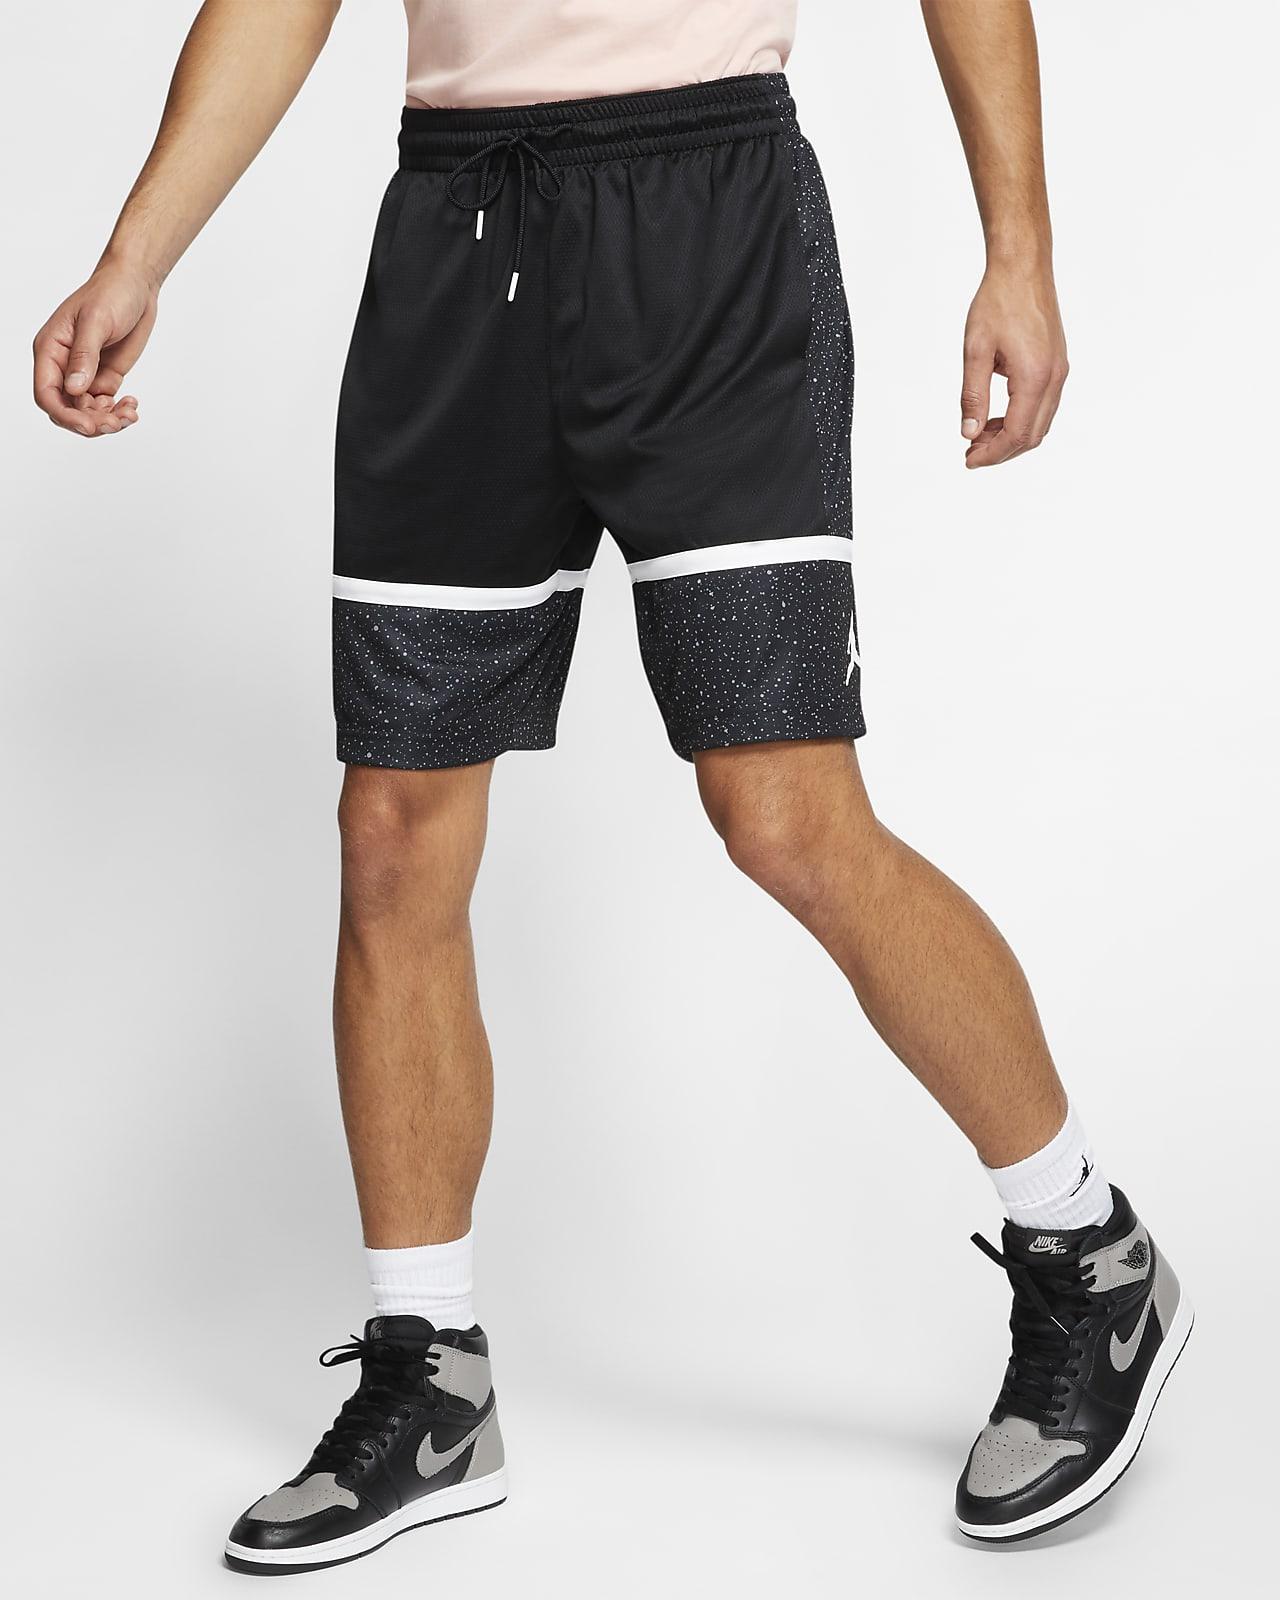 Jordan Jumpman Men's Graphic Basketball